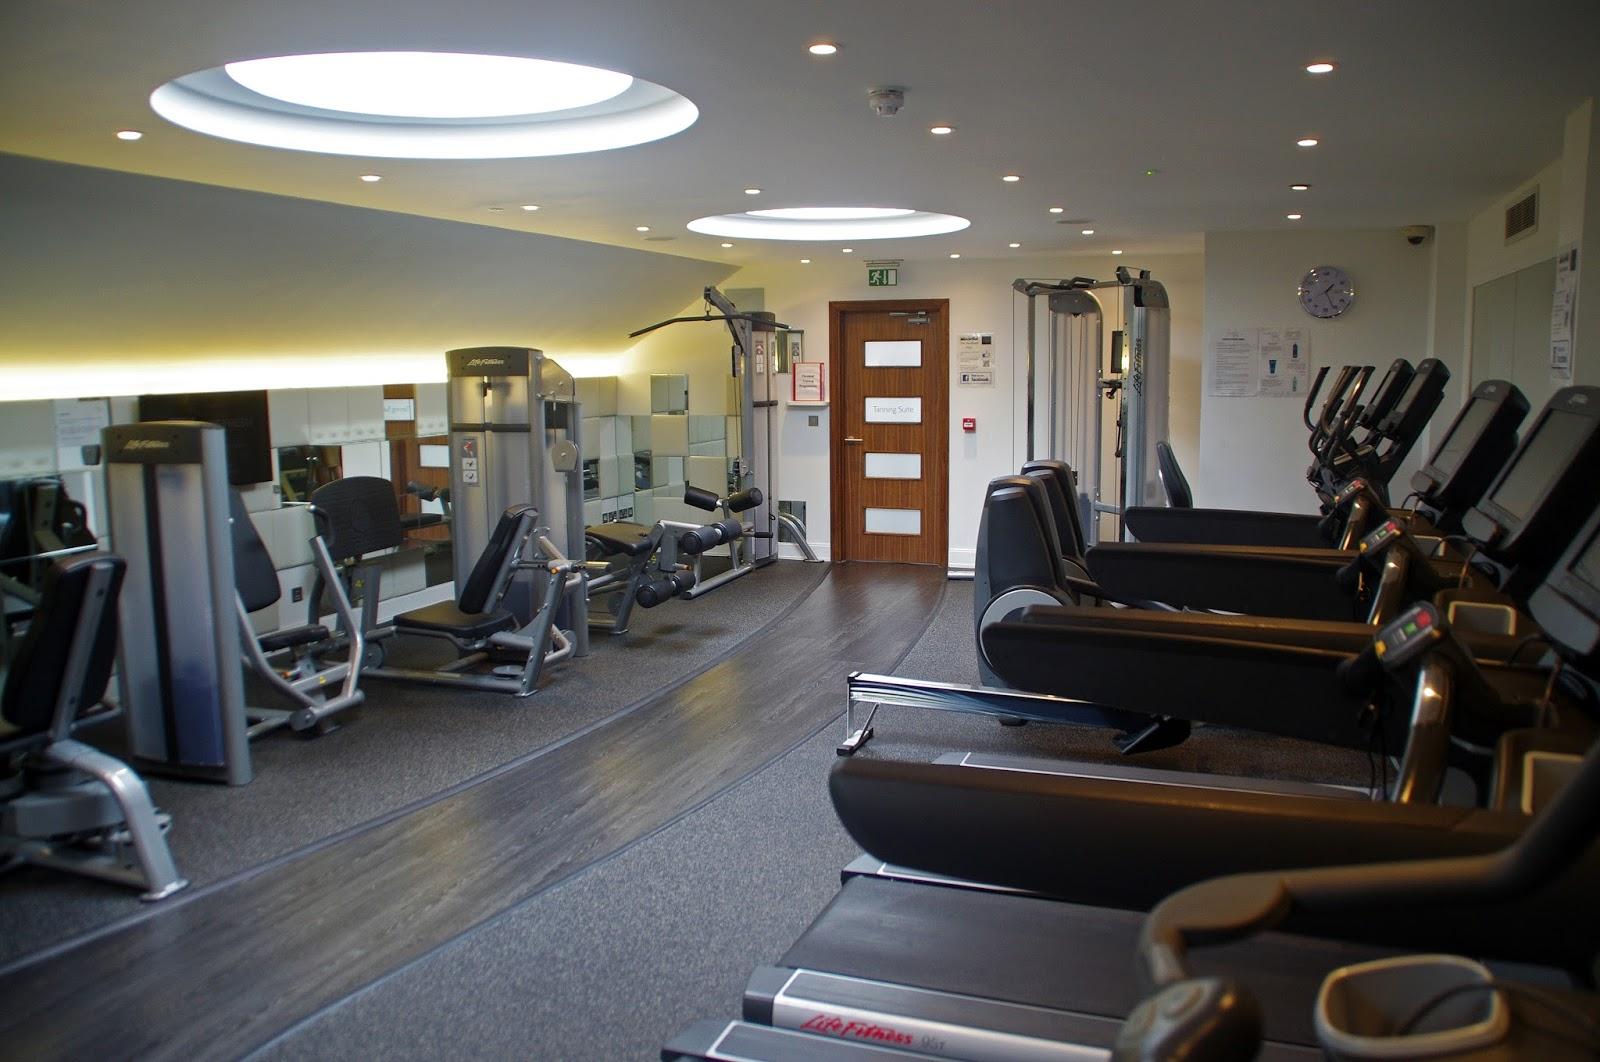 Headland Hotel Newquay Cornwall Gym